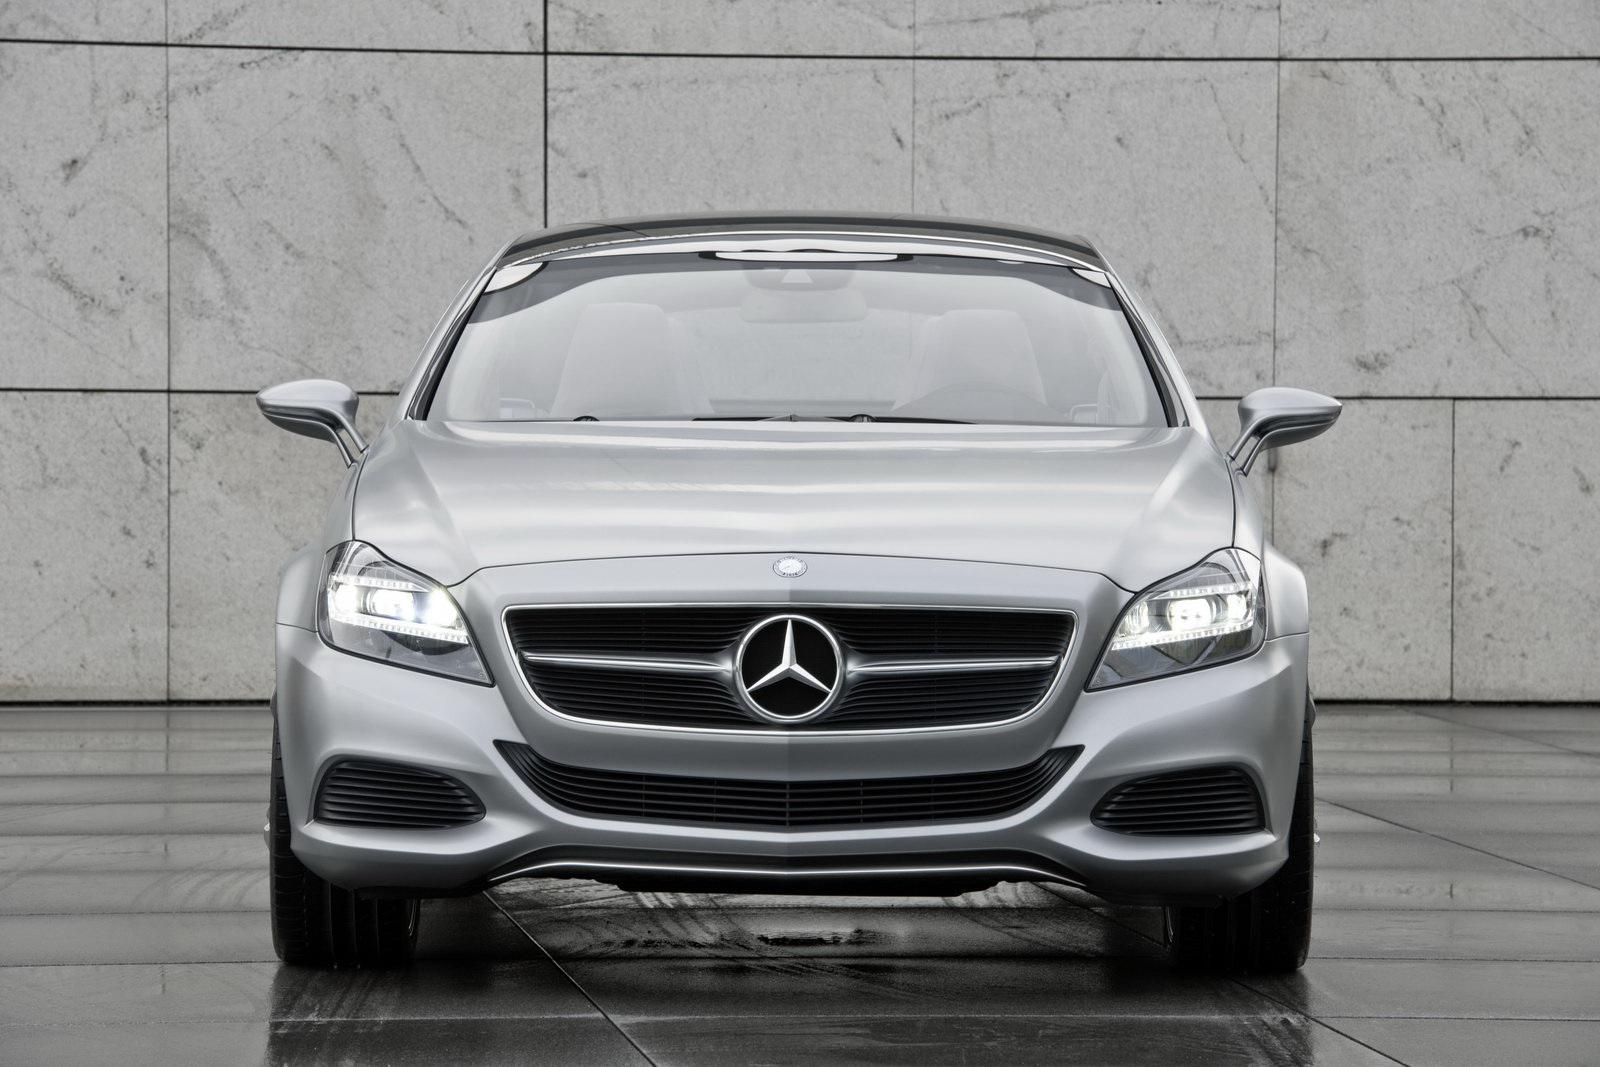 http://4.bp.blogspot.com/_FoXyvaPSnVk/S8ztBw_emoI/AAAAAAACwLo/BsouNnxRwhk/s1600/Mercedes-Benz-CLS-Shooting-Break-20.jpg